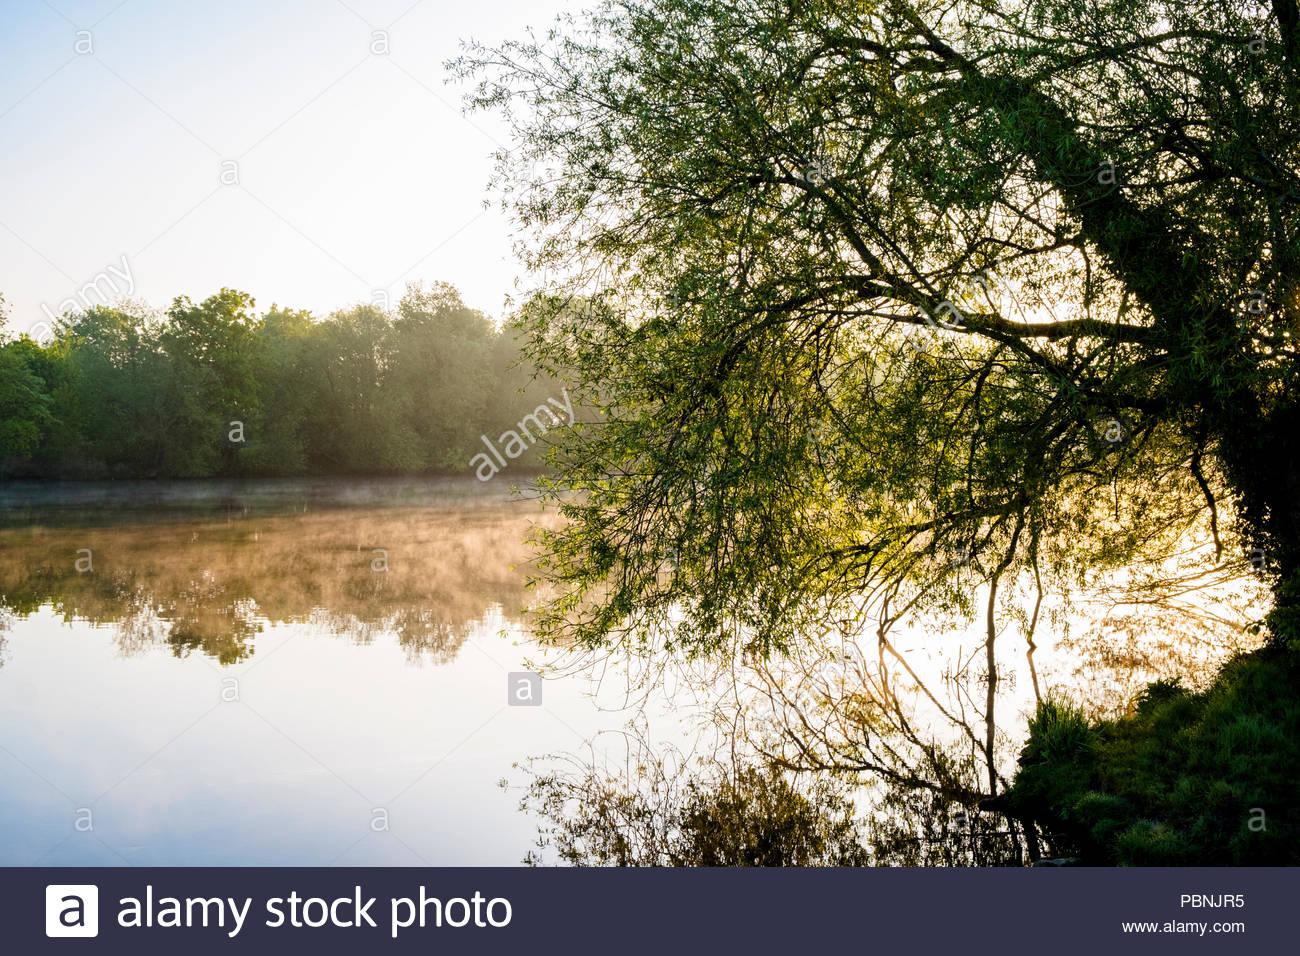 Paisajes Ingleses. Temprano en la mañana la niebla sobre el río Trent en la campiña de Nottinghamshire, Inglaterra, Reino Unido. Imagen De Stock